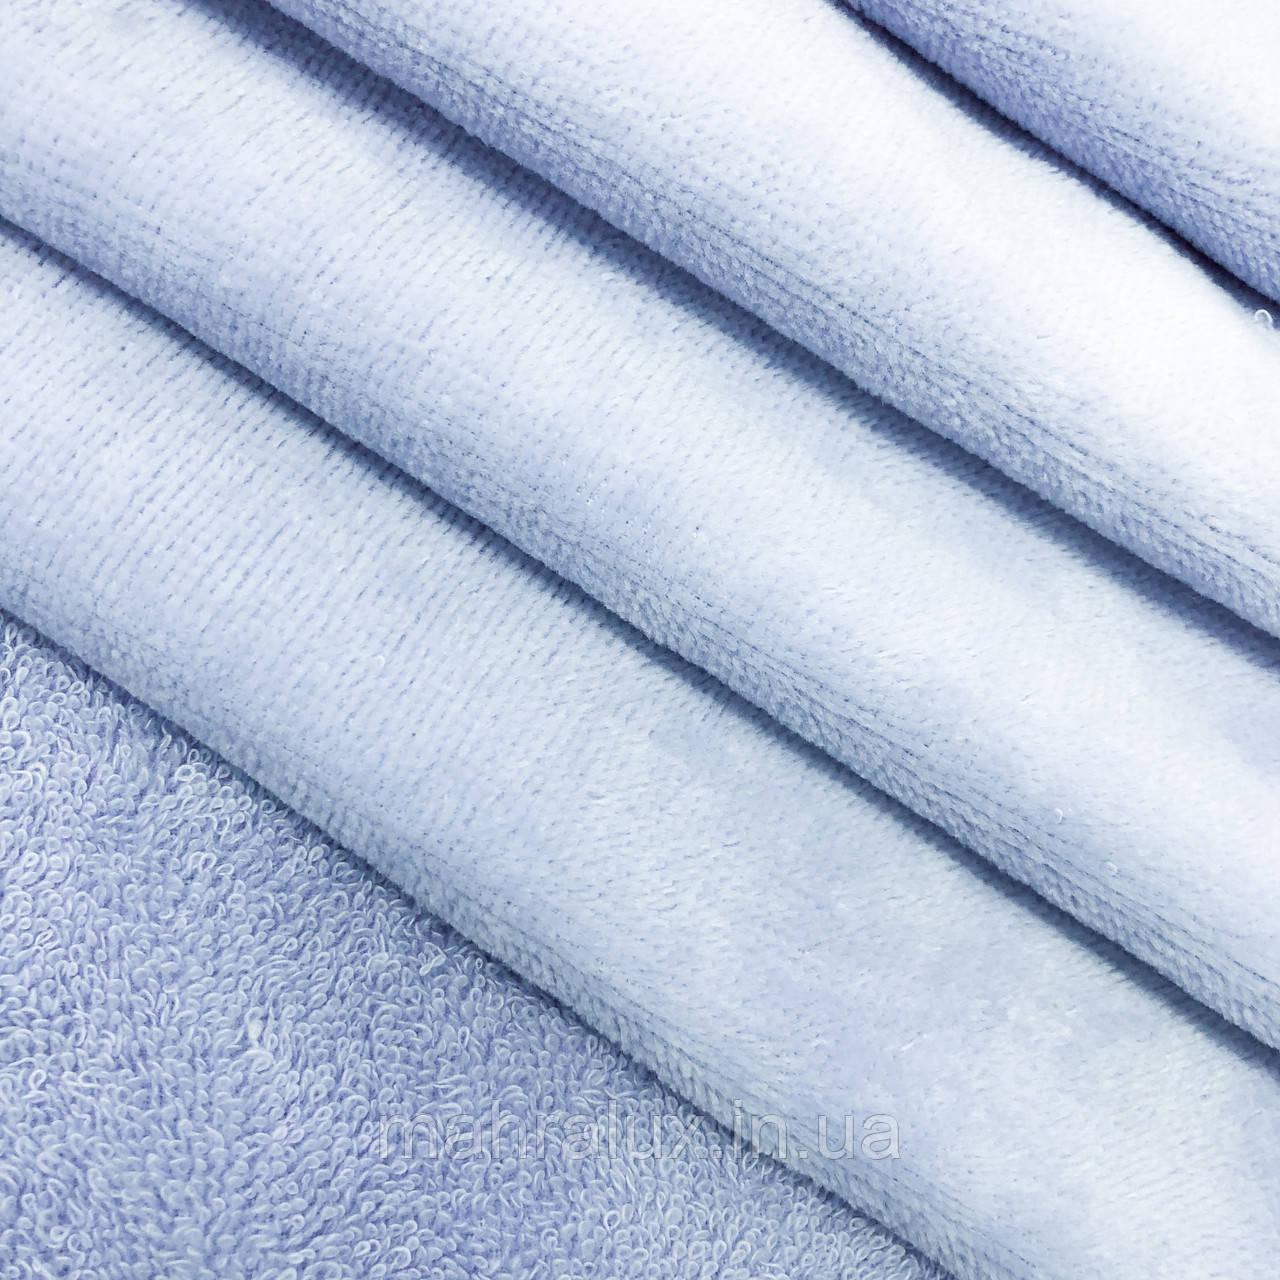 Махра-велюр бледно-голубая Турция